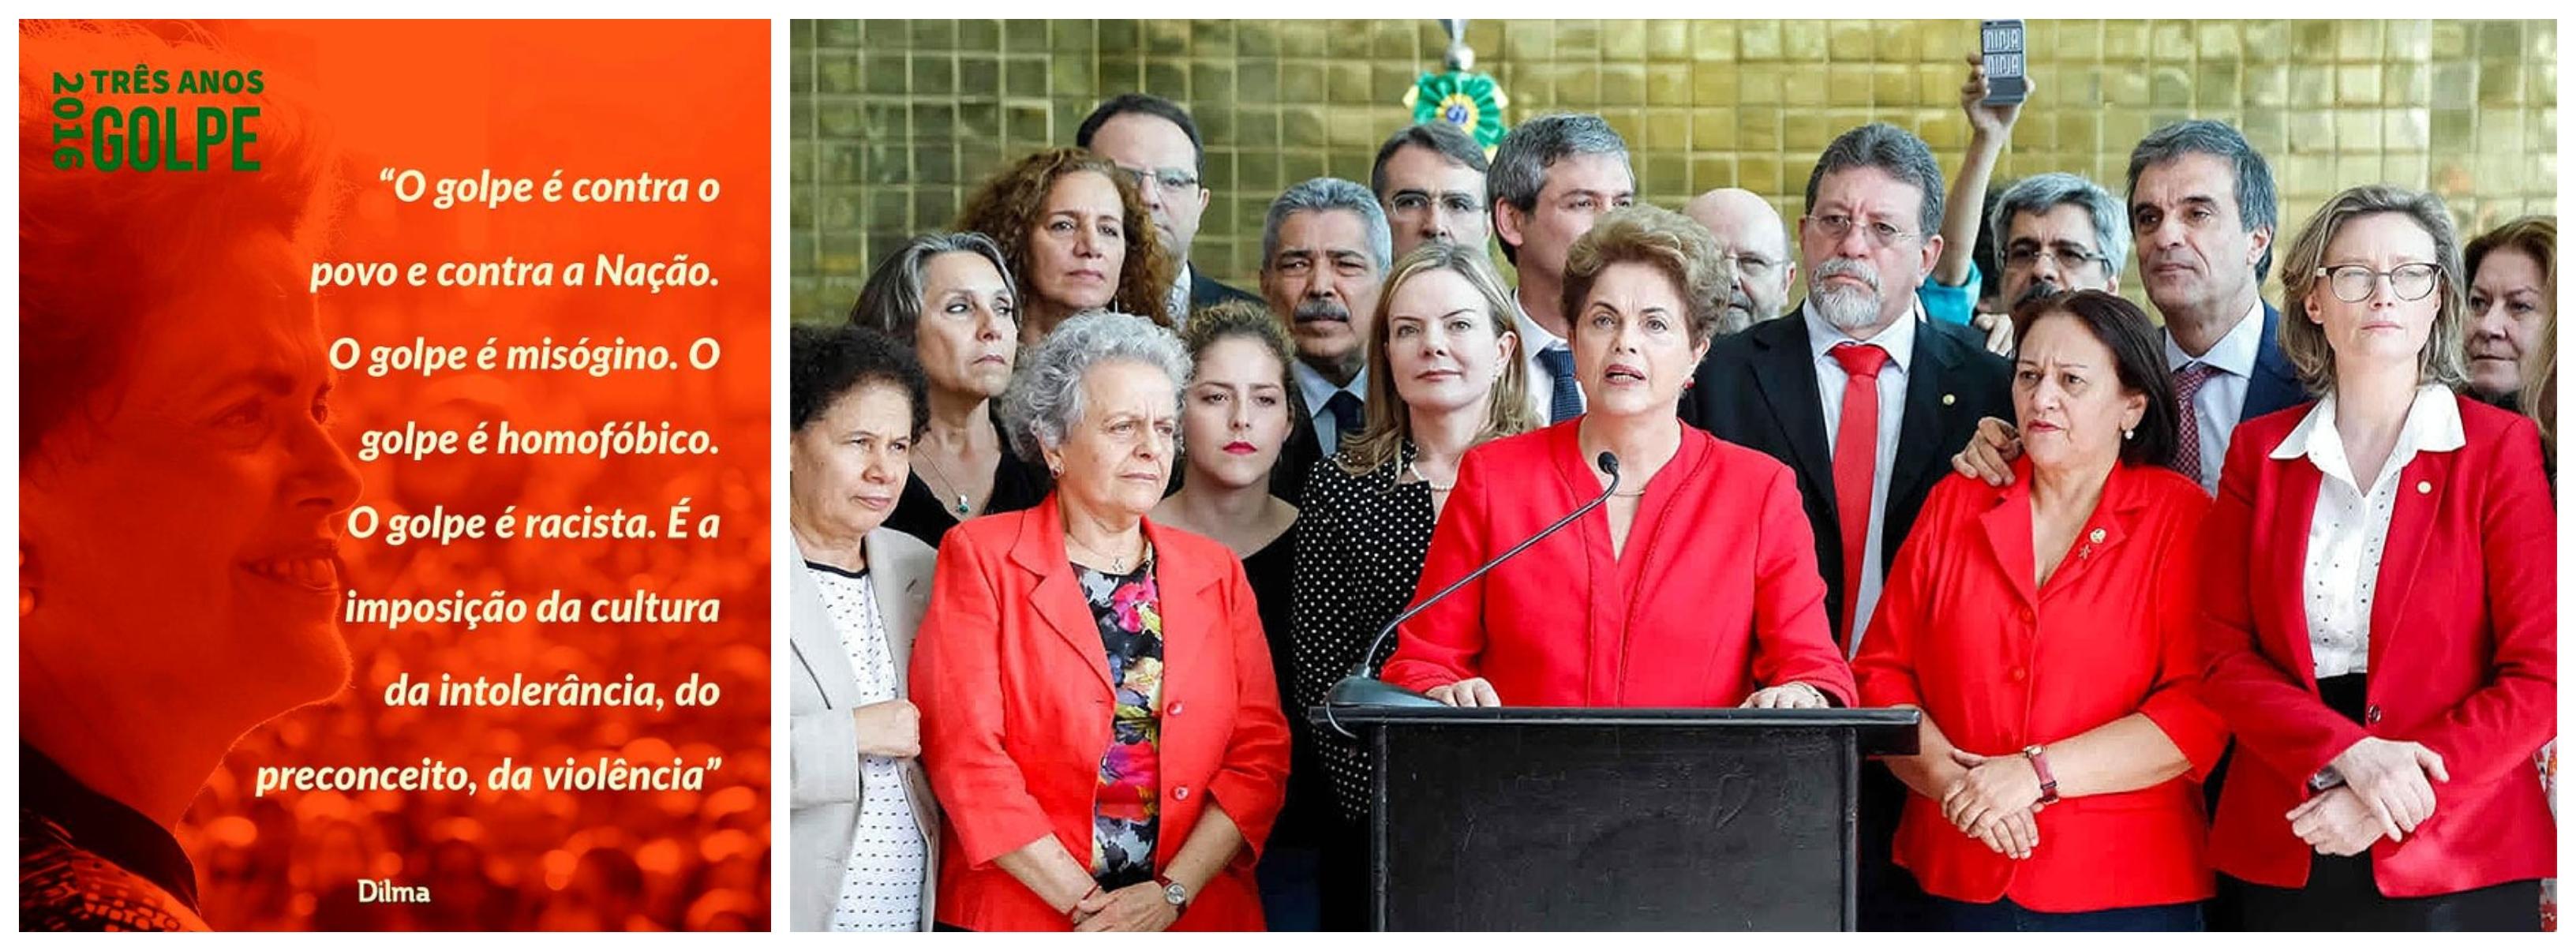 Dilma: A história será implacável com os golpistas; o golpe é contra o povo e a Nação